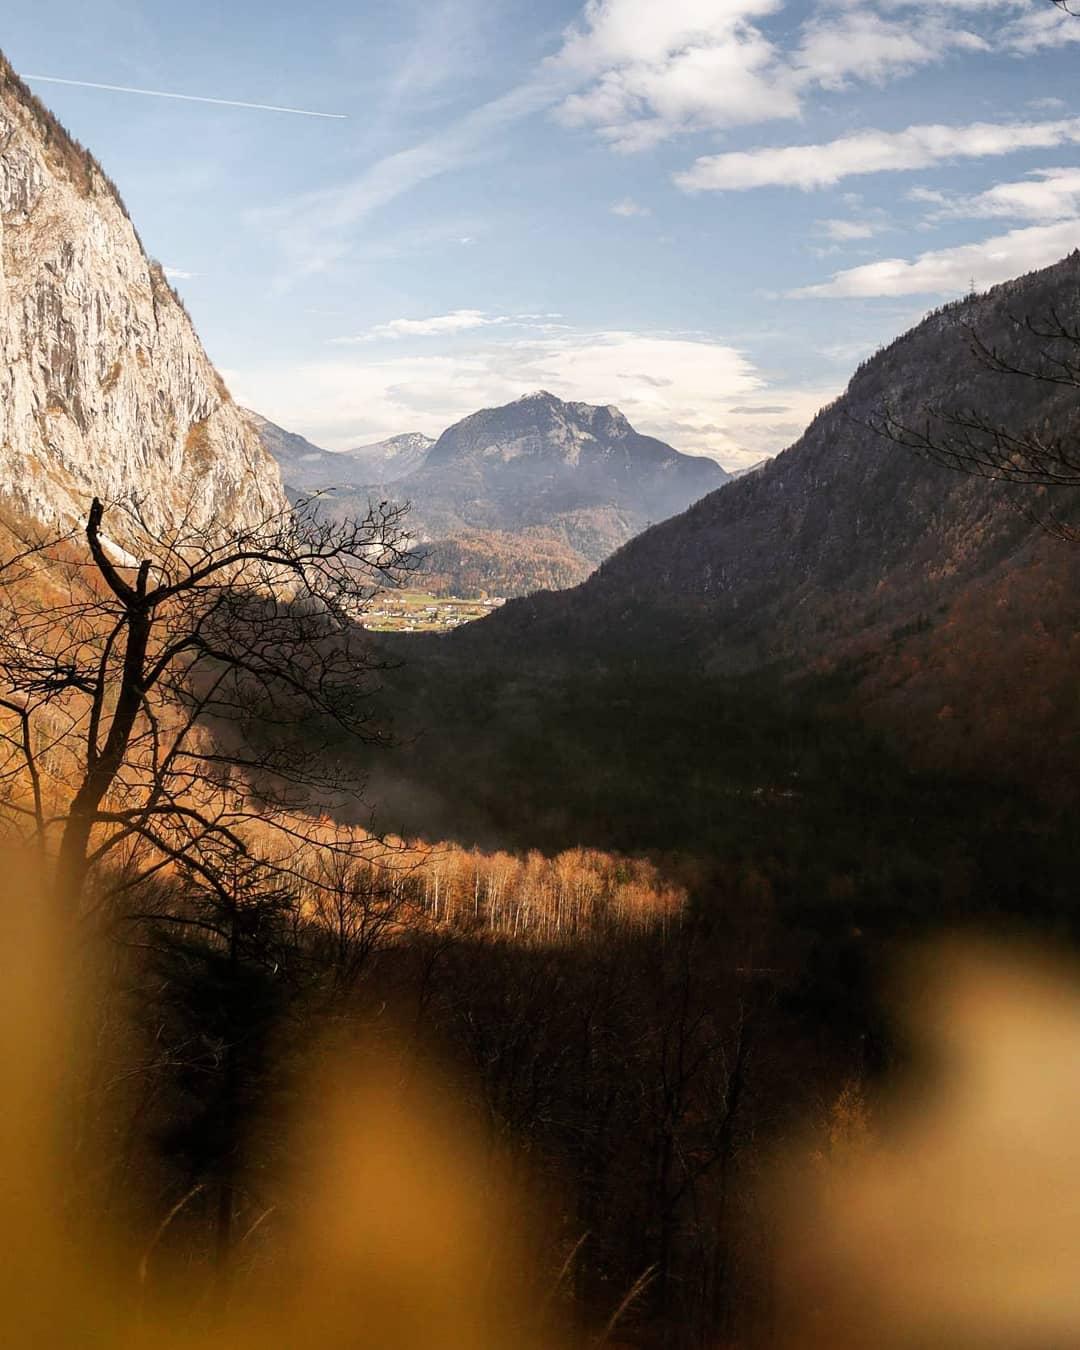 Ausblick auf die Berglandschaft im Bluntautal